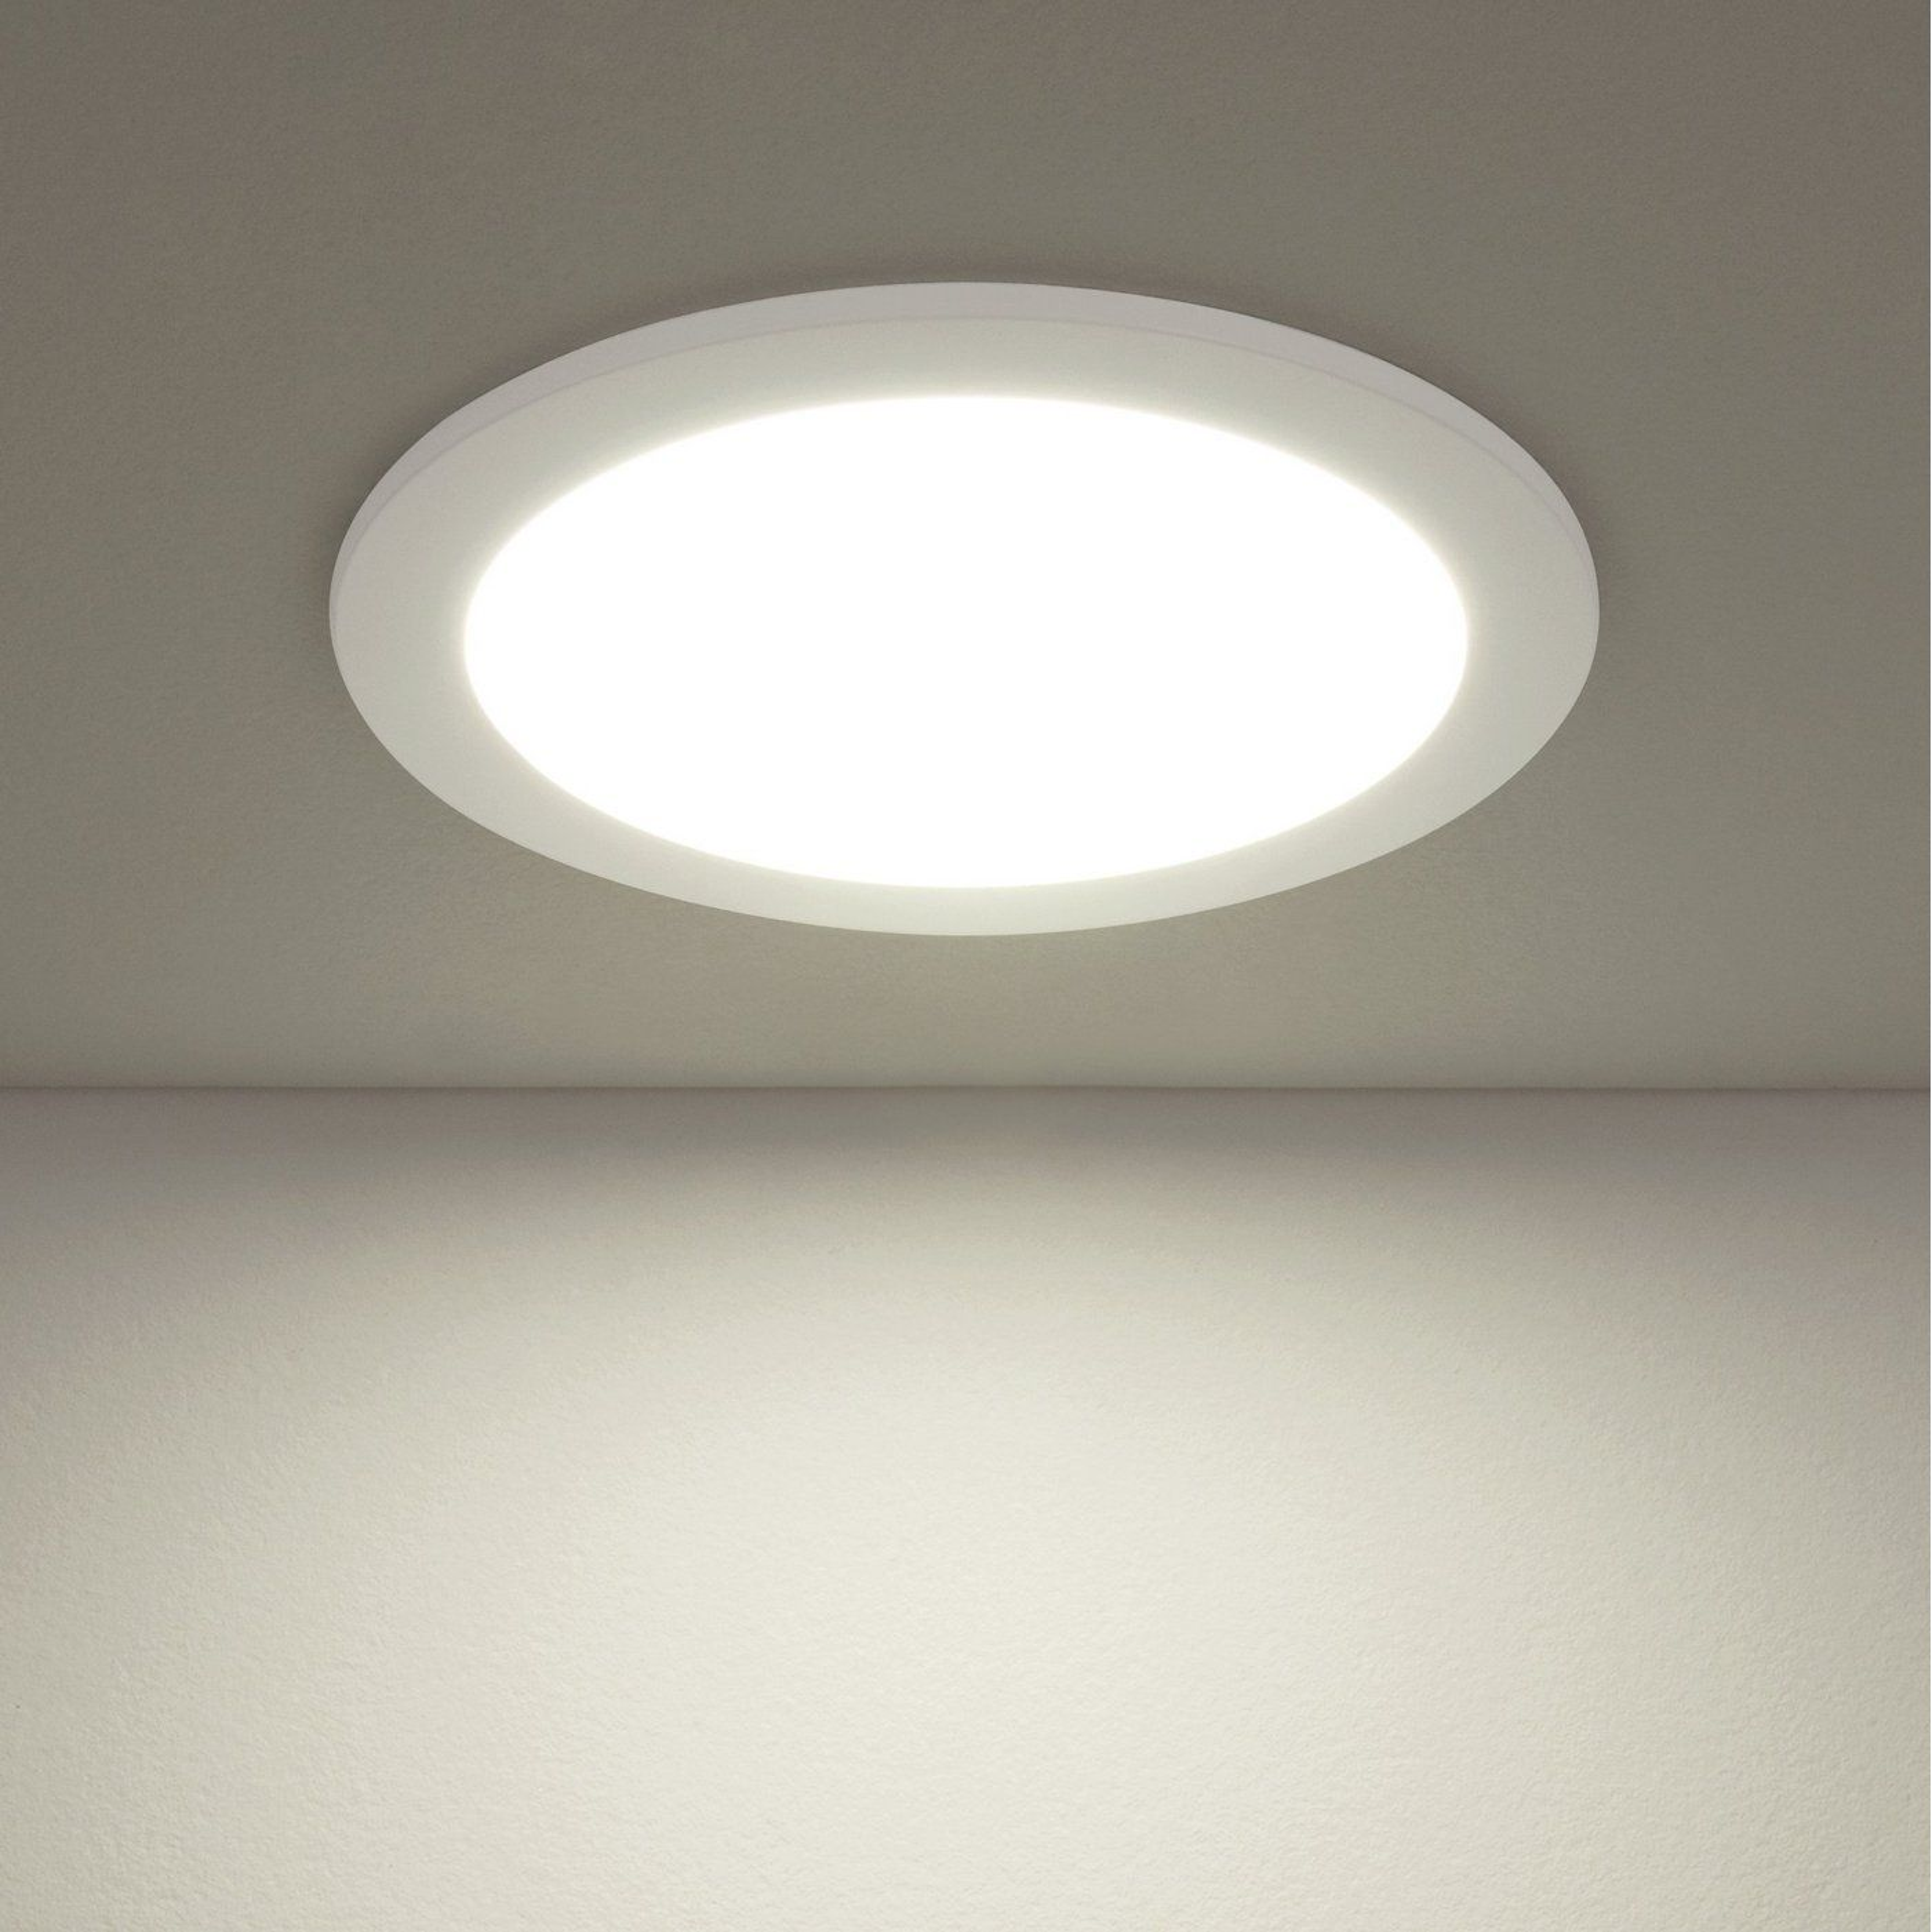 Фото Встраиваемый светильник Elektrostandard Downlight a034916